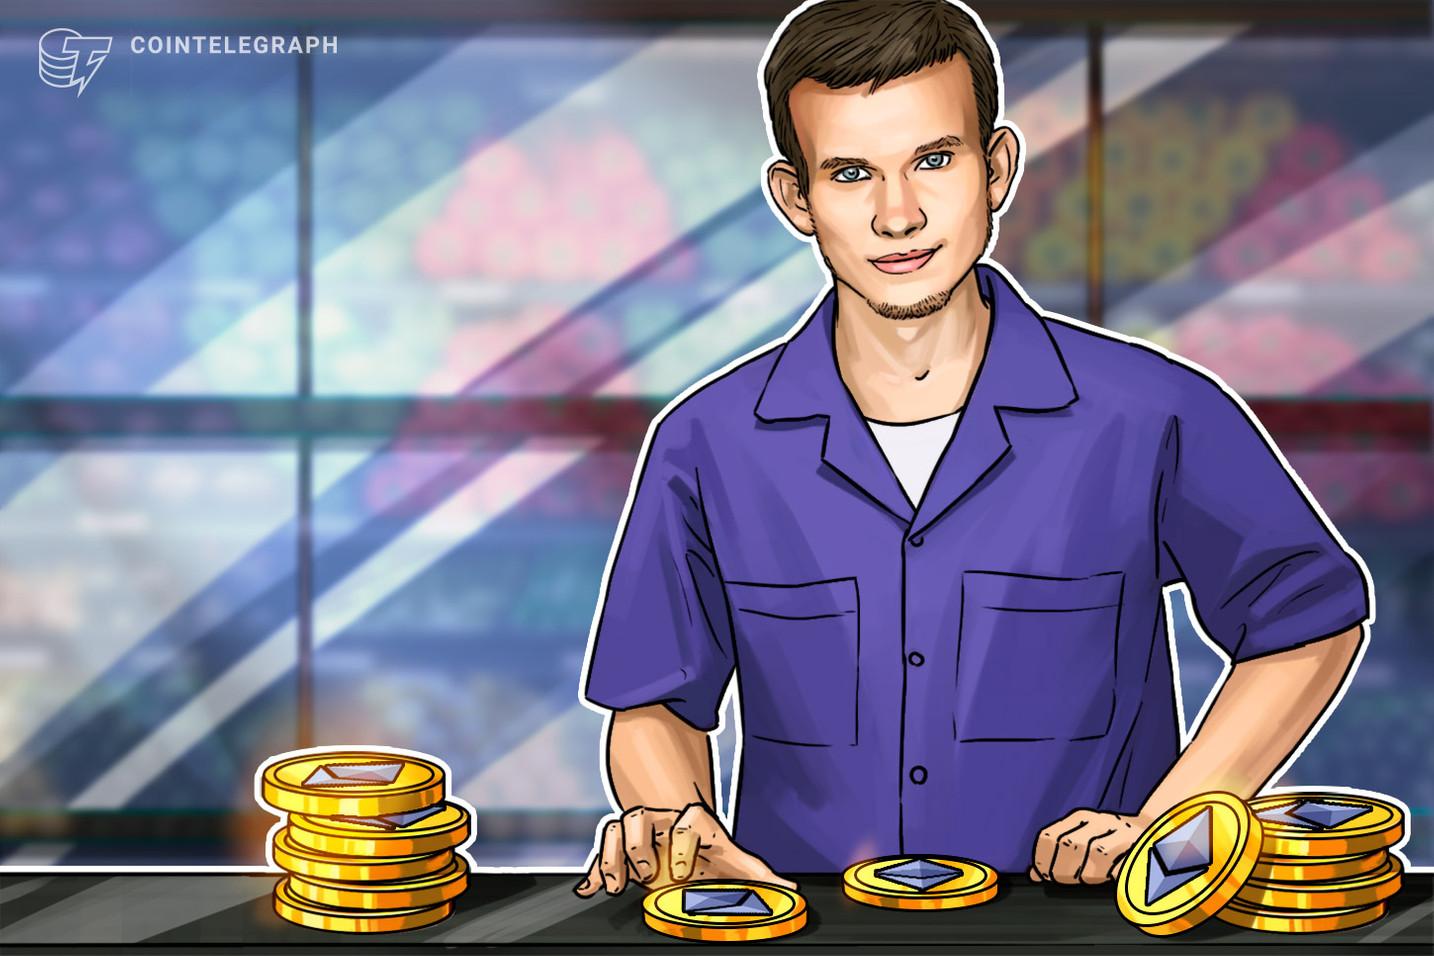 Ethereum: Fears Vitalik Buterin Selling 90K ETH as $25M Hits Exchanges